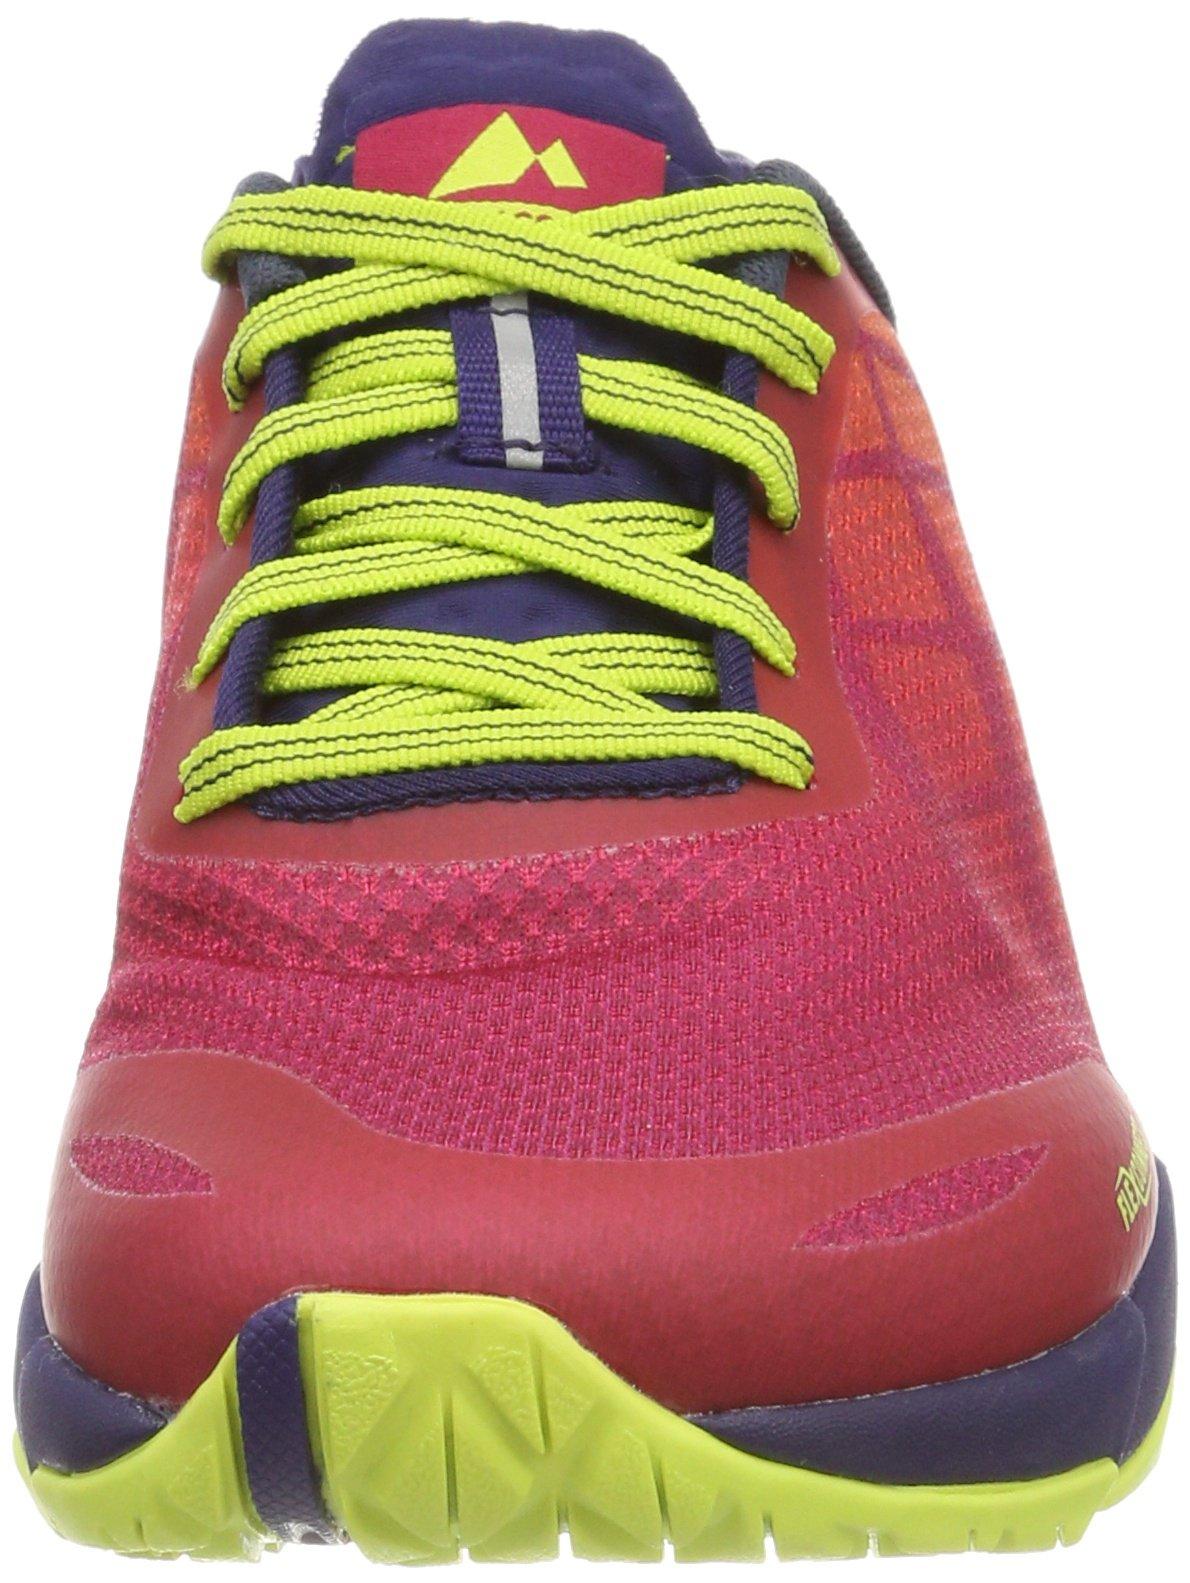 81 g9E%2BkGML - Merrell Women's Bare Access Flex Trail Runner